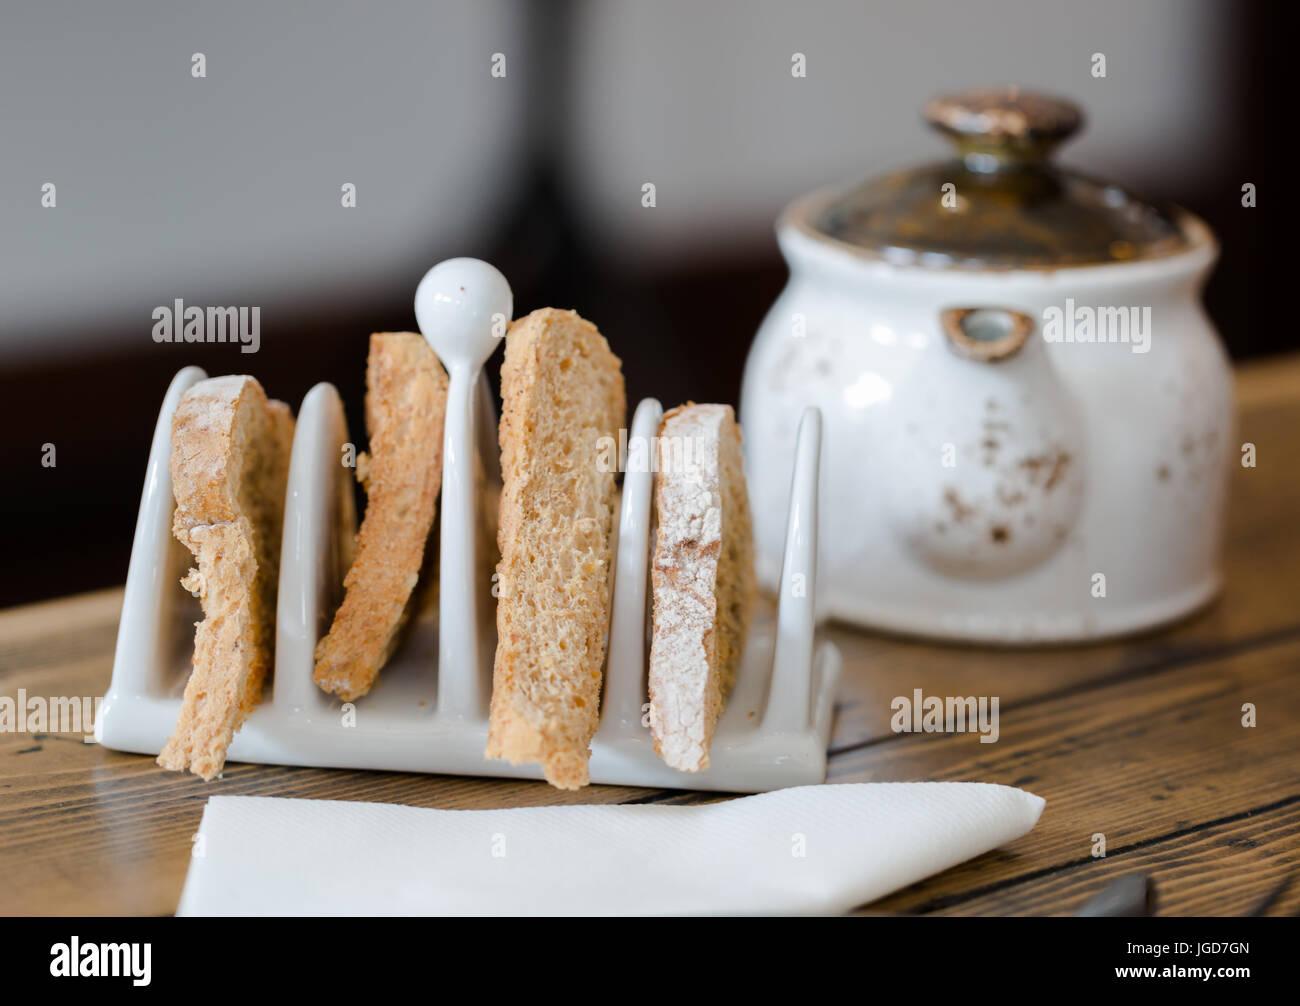 Quatre tranches de pain grillé en porte-toasts sur table en bois close up. L'accent premier plan, théière en arrière-plan flou. Low angle vue en gros plan. Shal Banque D'Images